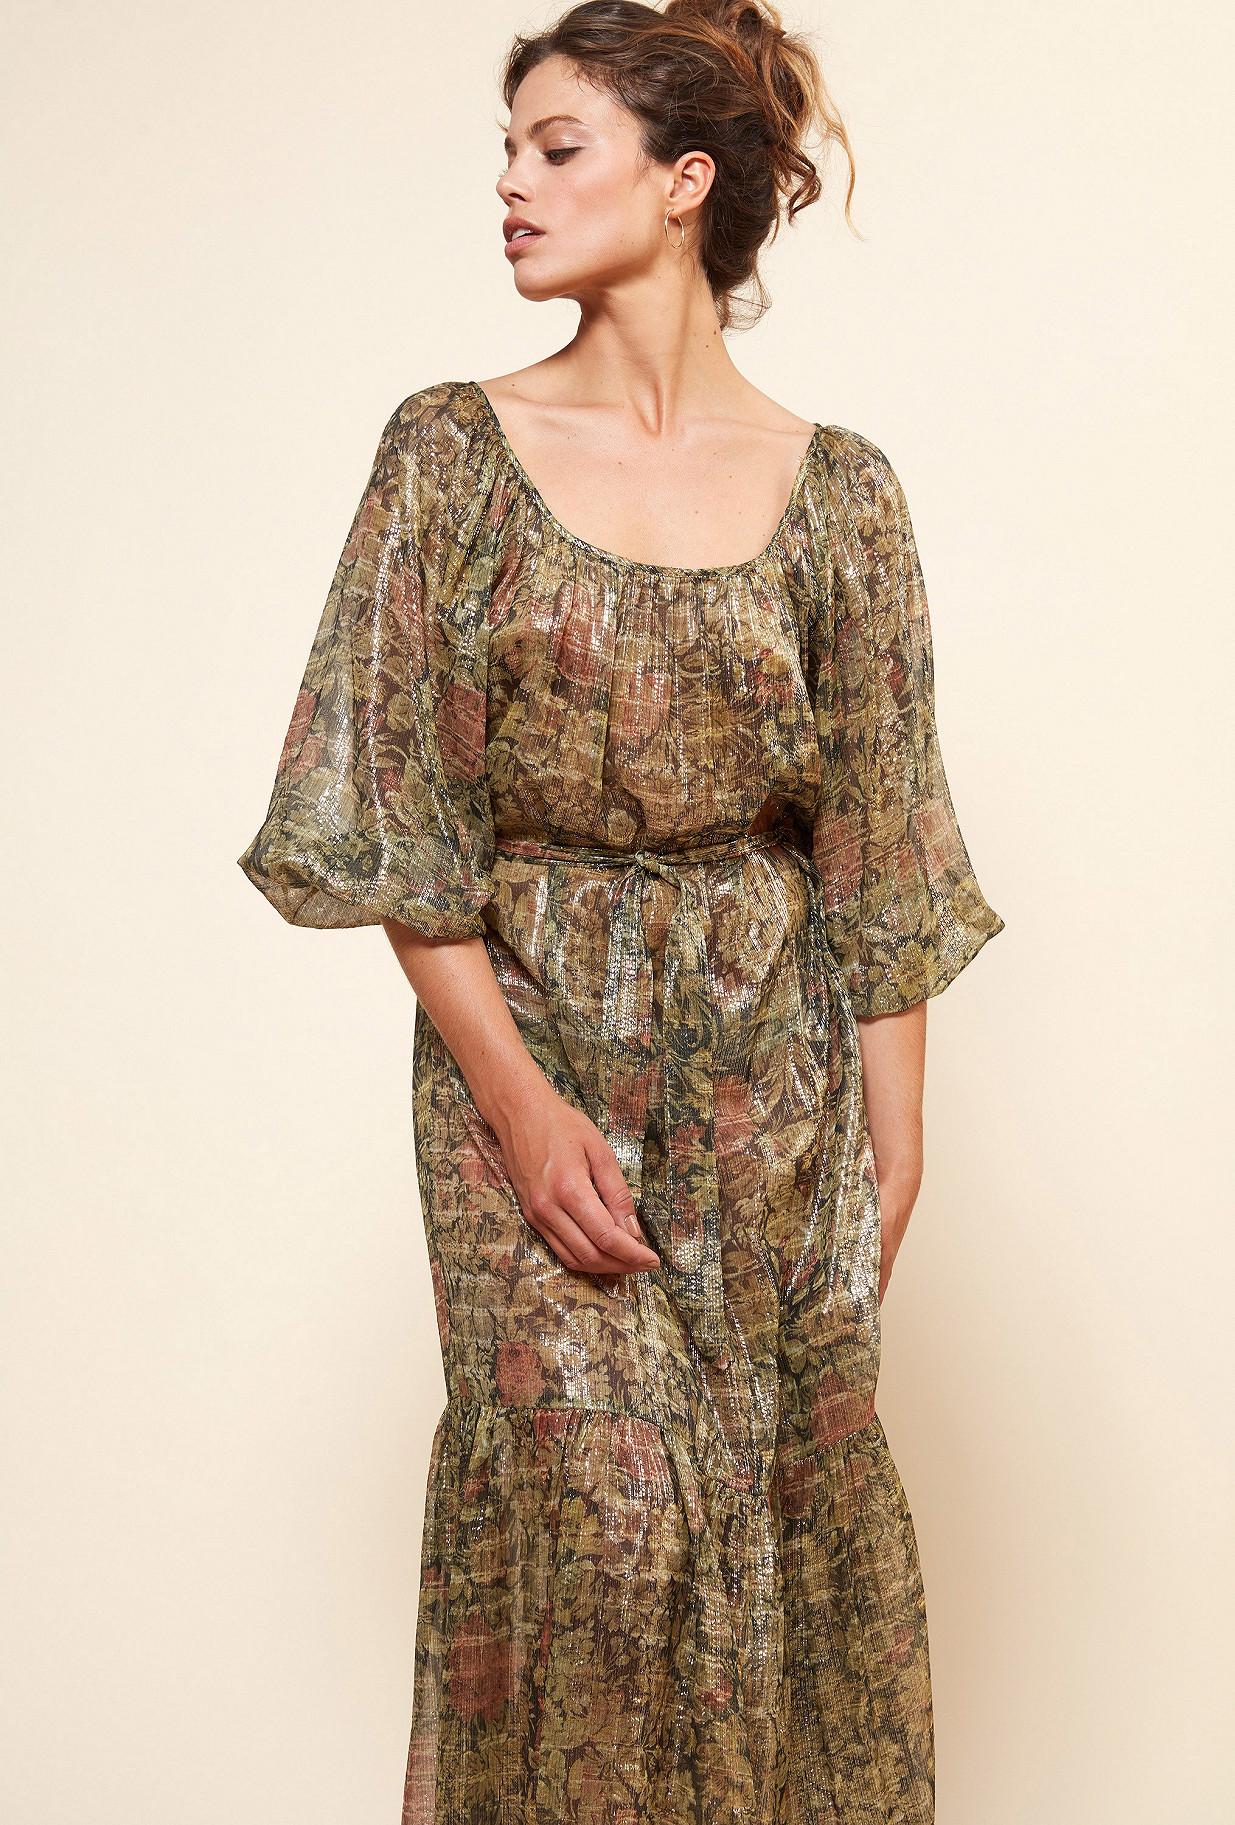 Paris clothes store Dress  Paturage french designer fashion Paris